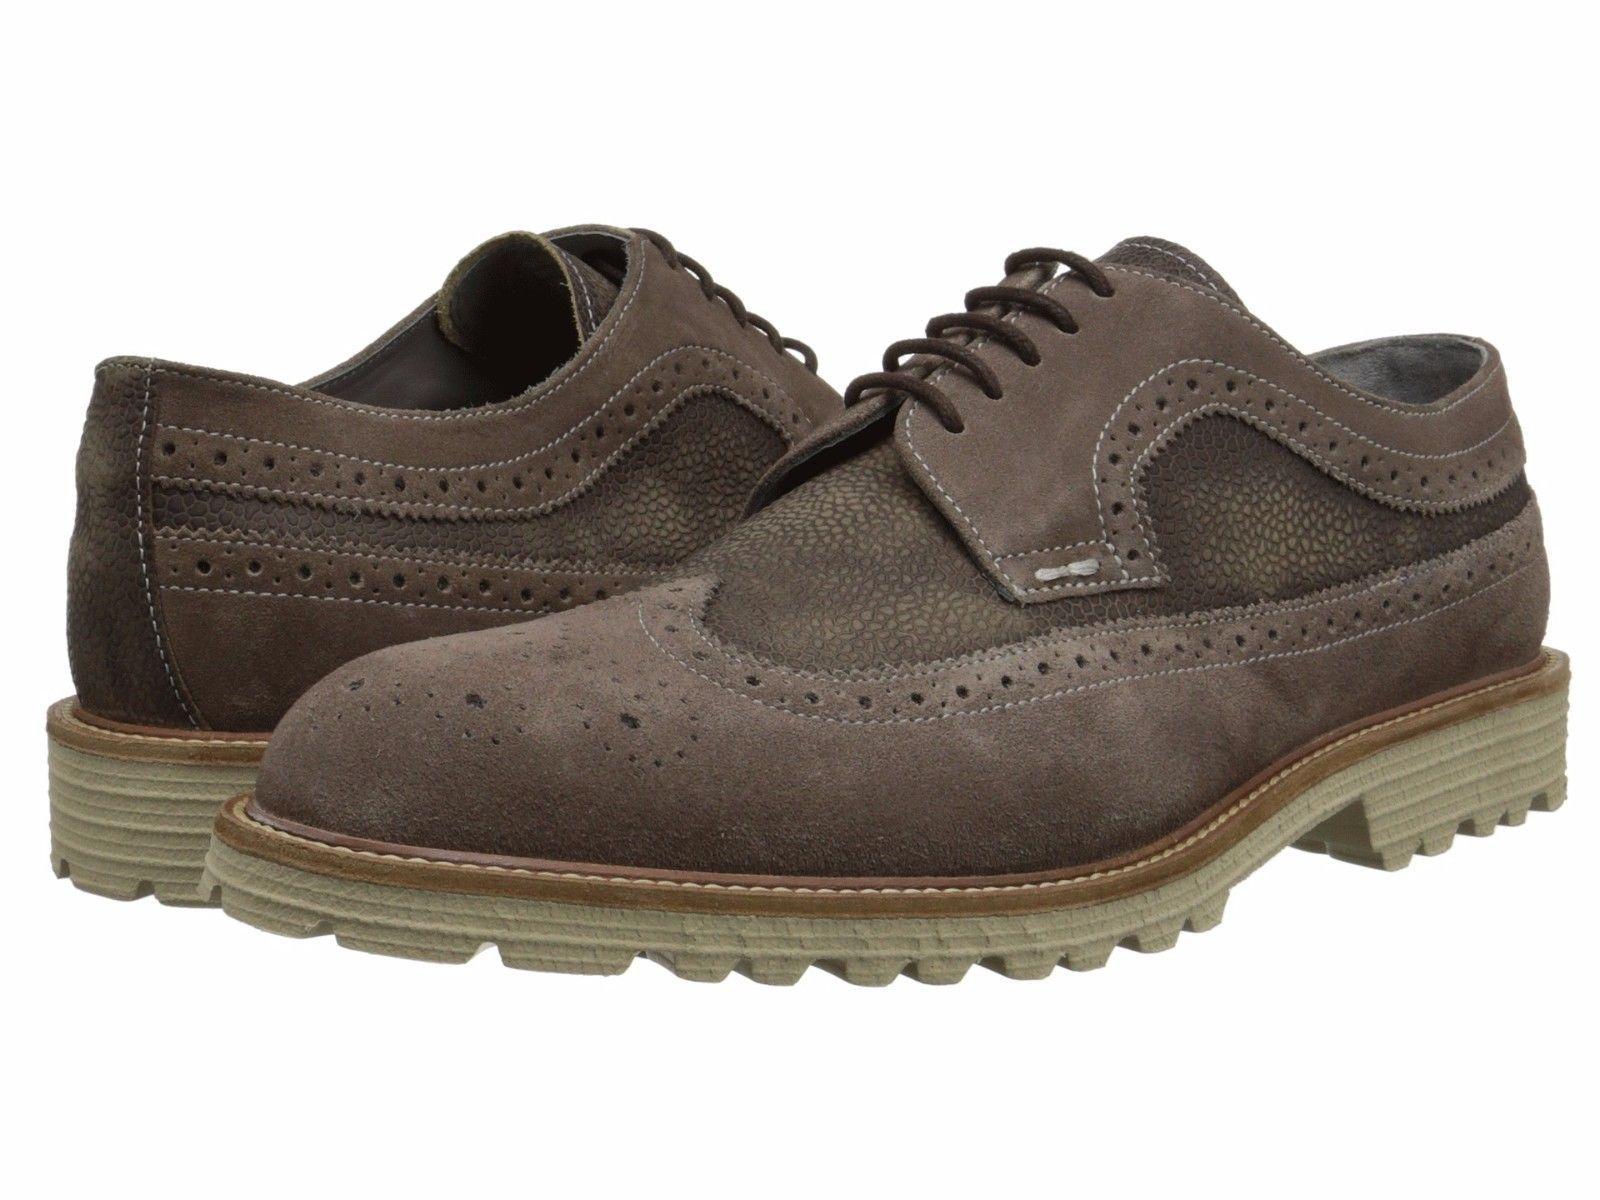 Size 7.5 KENNETH COLE (Suede/Leather) Men's Shoe! Reg$188 Sale$89.99 LastPair!